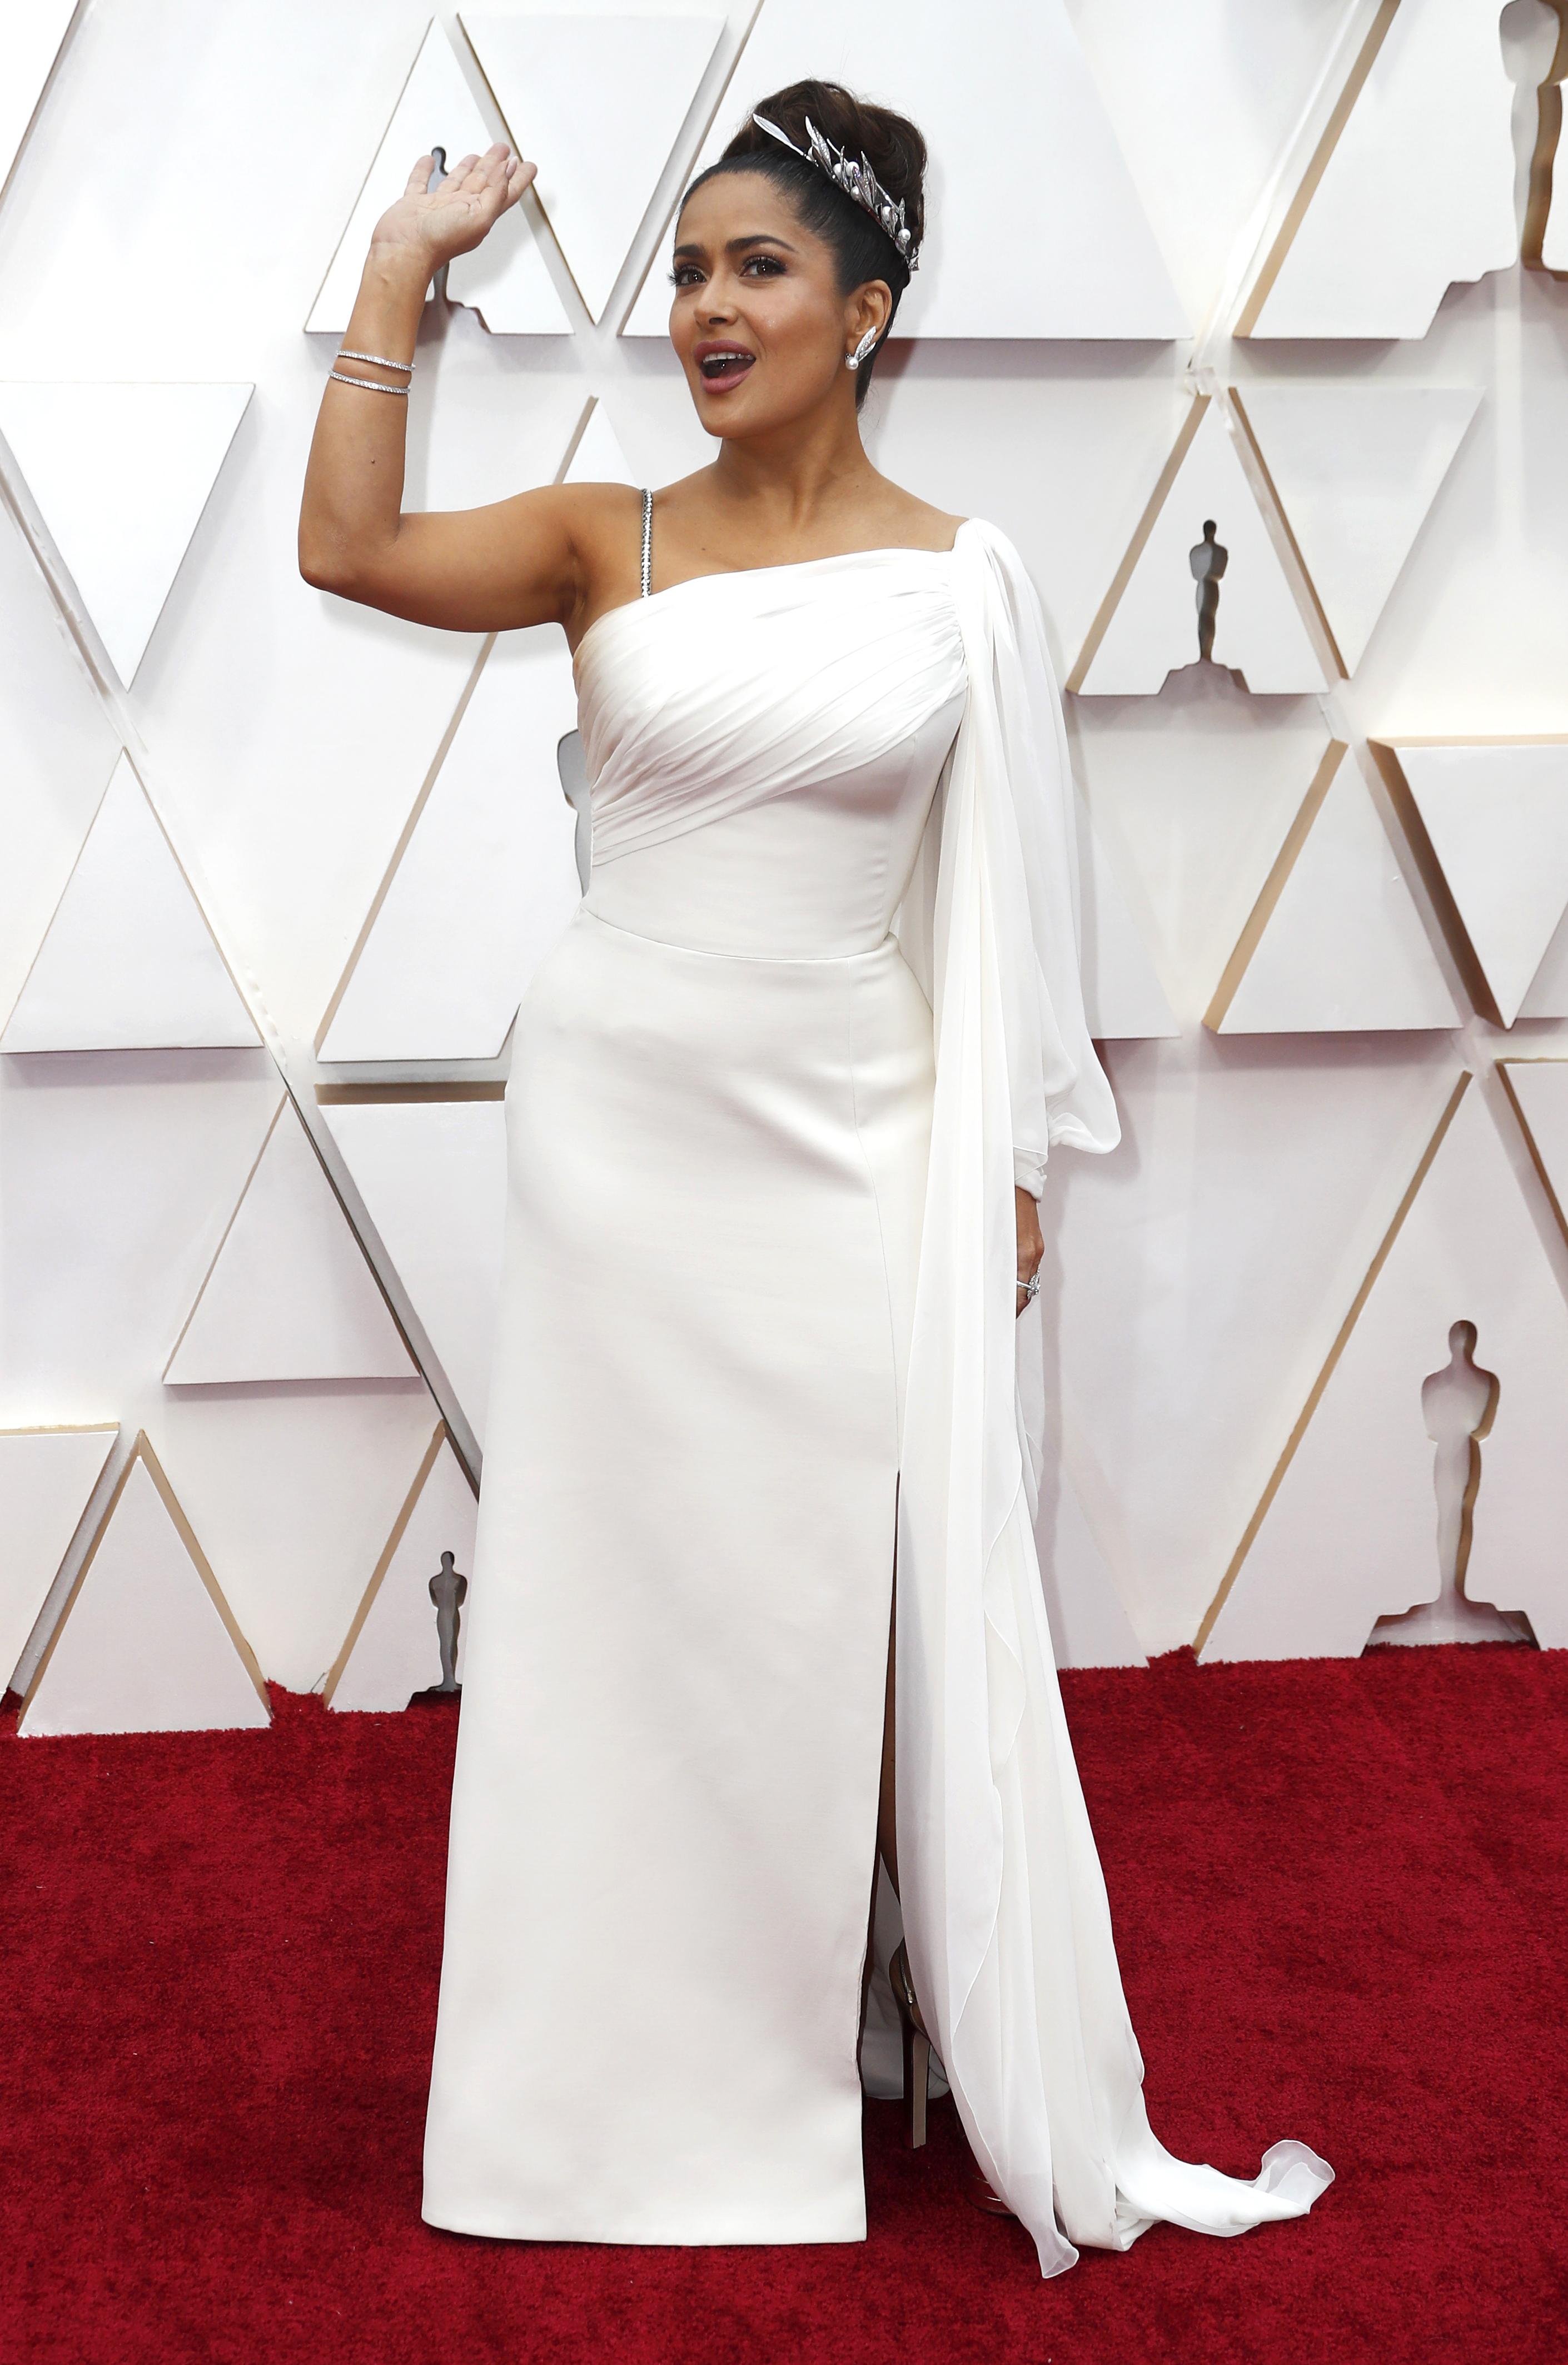 Apostando a un diseño total white con detalles de bretel finito de cristales, la actriz Salma Hayek, eligió a Gucci para la entrega de los Oscars. Un modelo de un solo hombro y con detalles de drapeado en la parte superior de la pieza